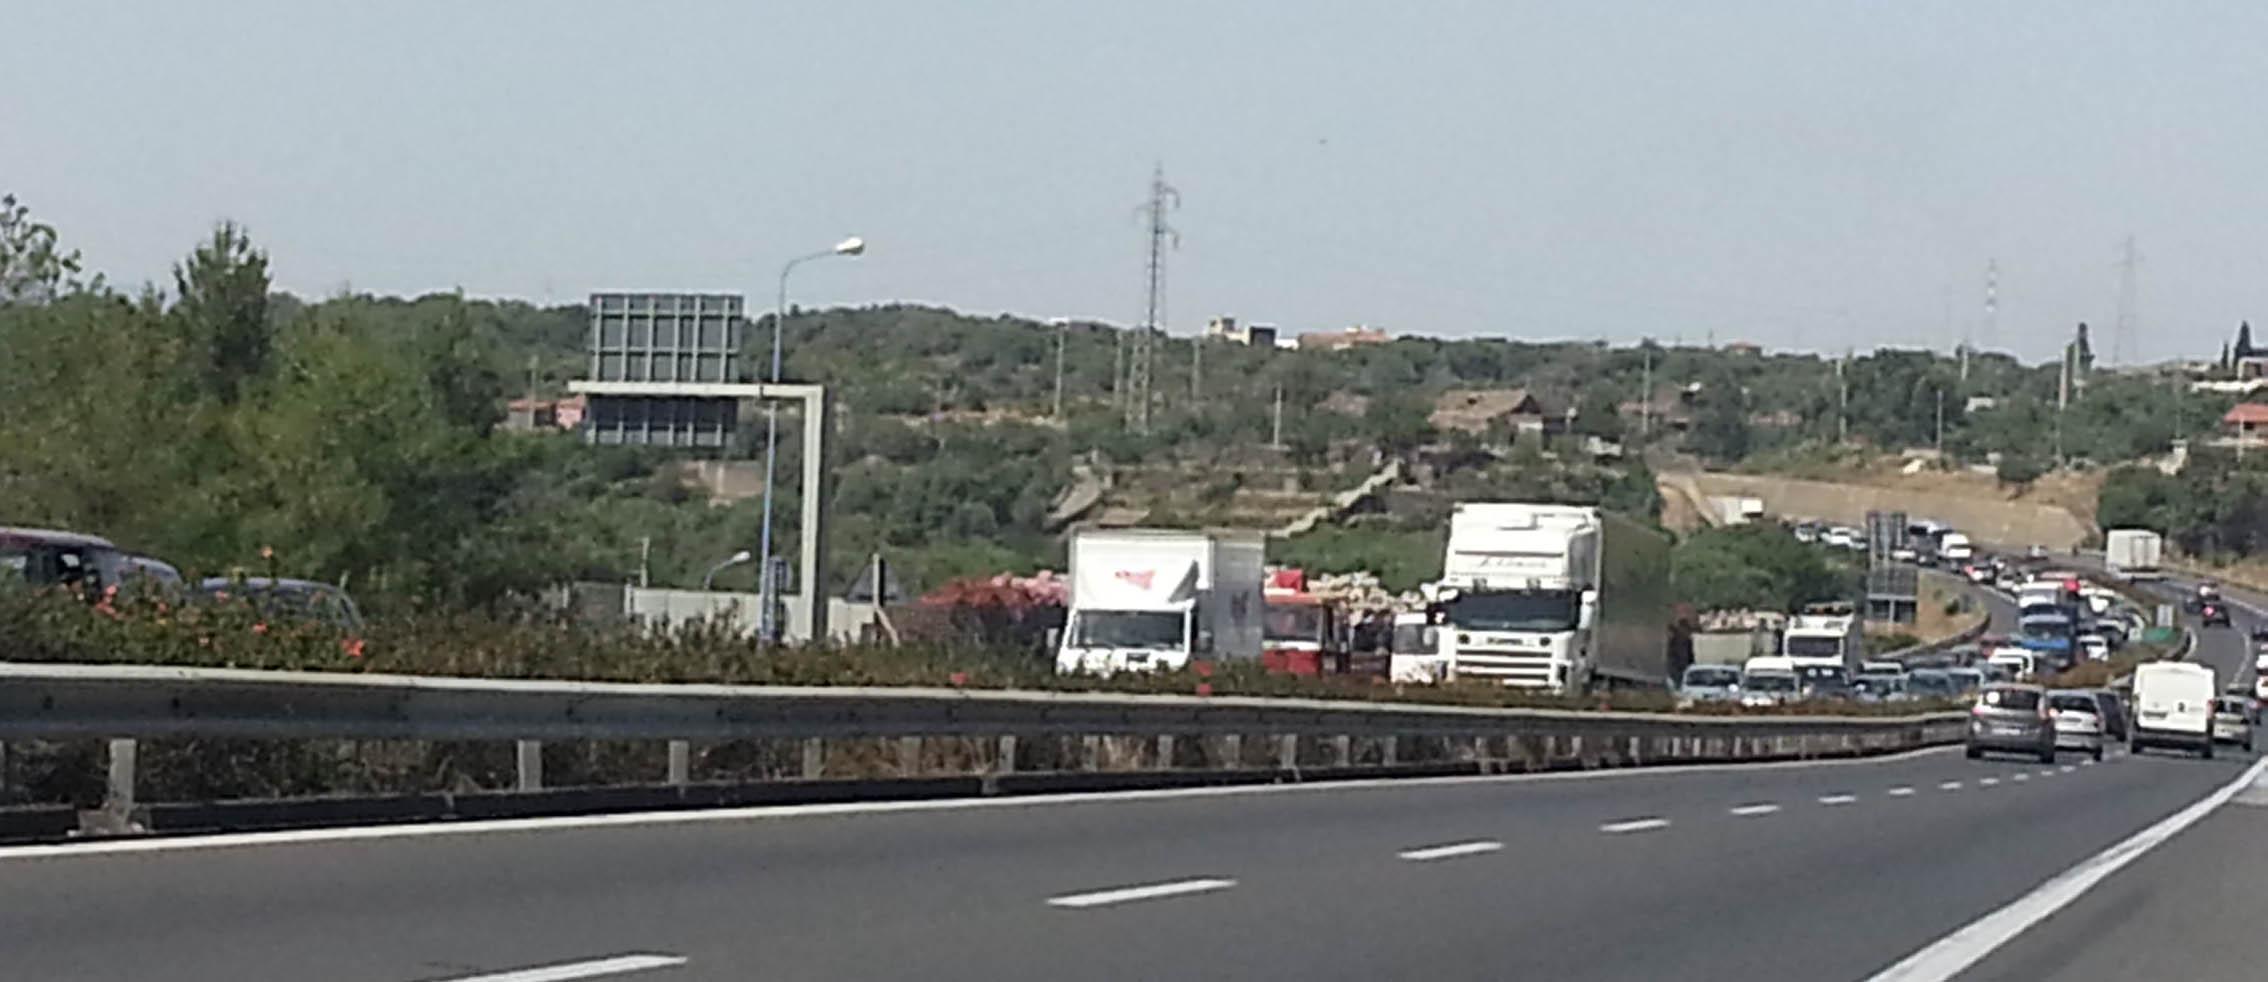 Oltre 20 km di coda sulla tangenziale di Catania: gravi disagi per i pendolari$